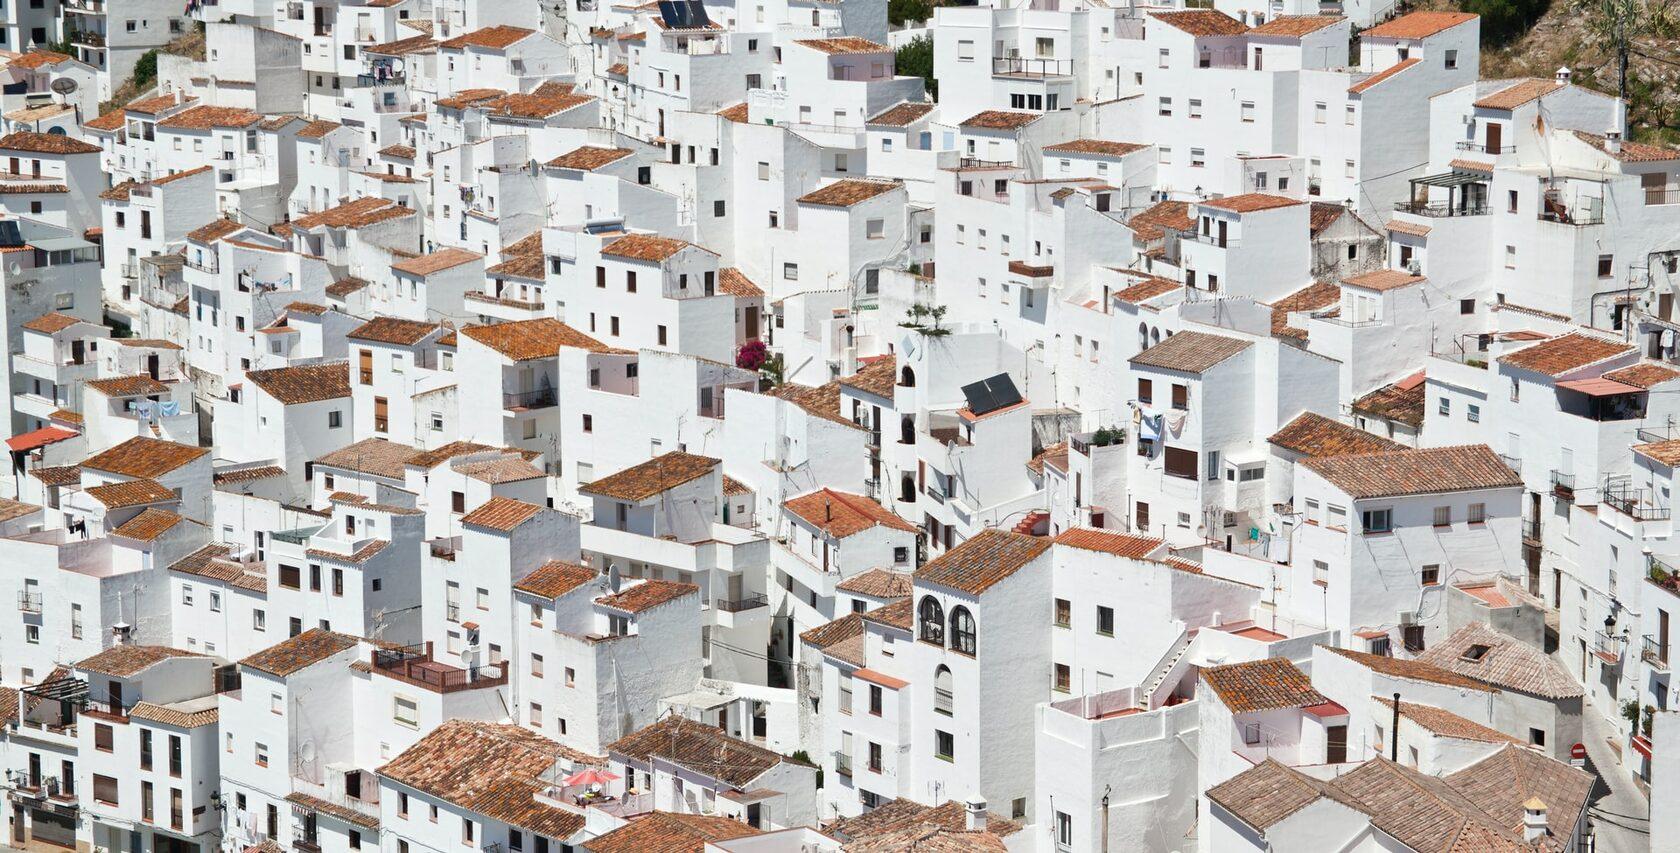 сколько стоит купить квартиру в испании